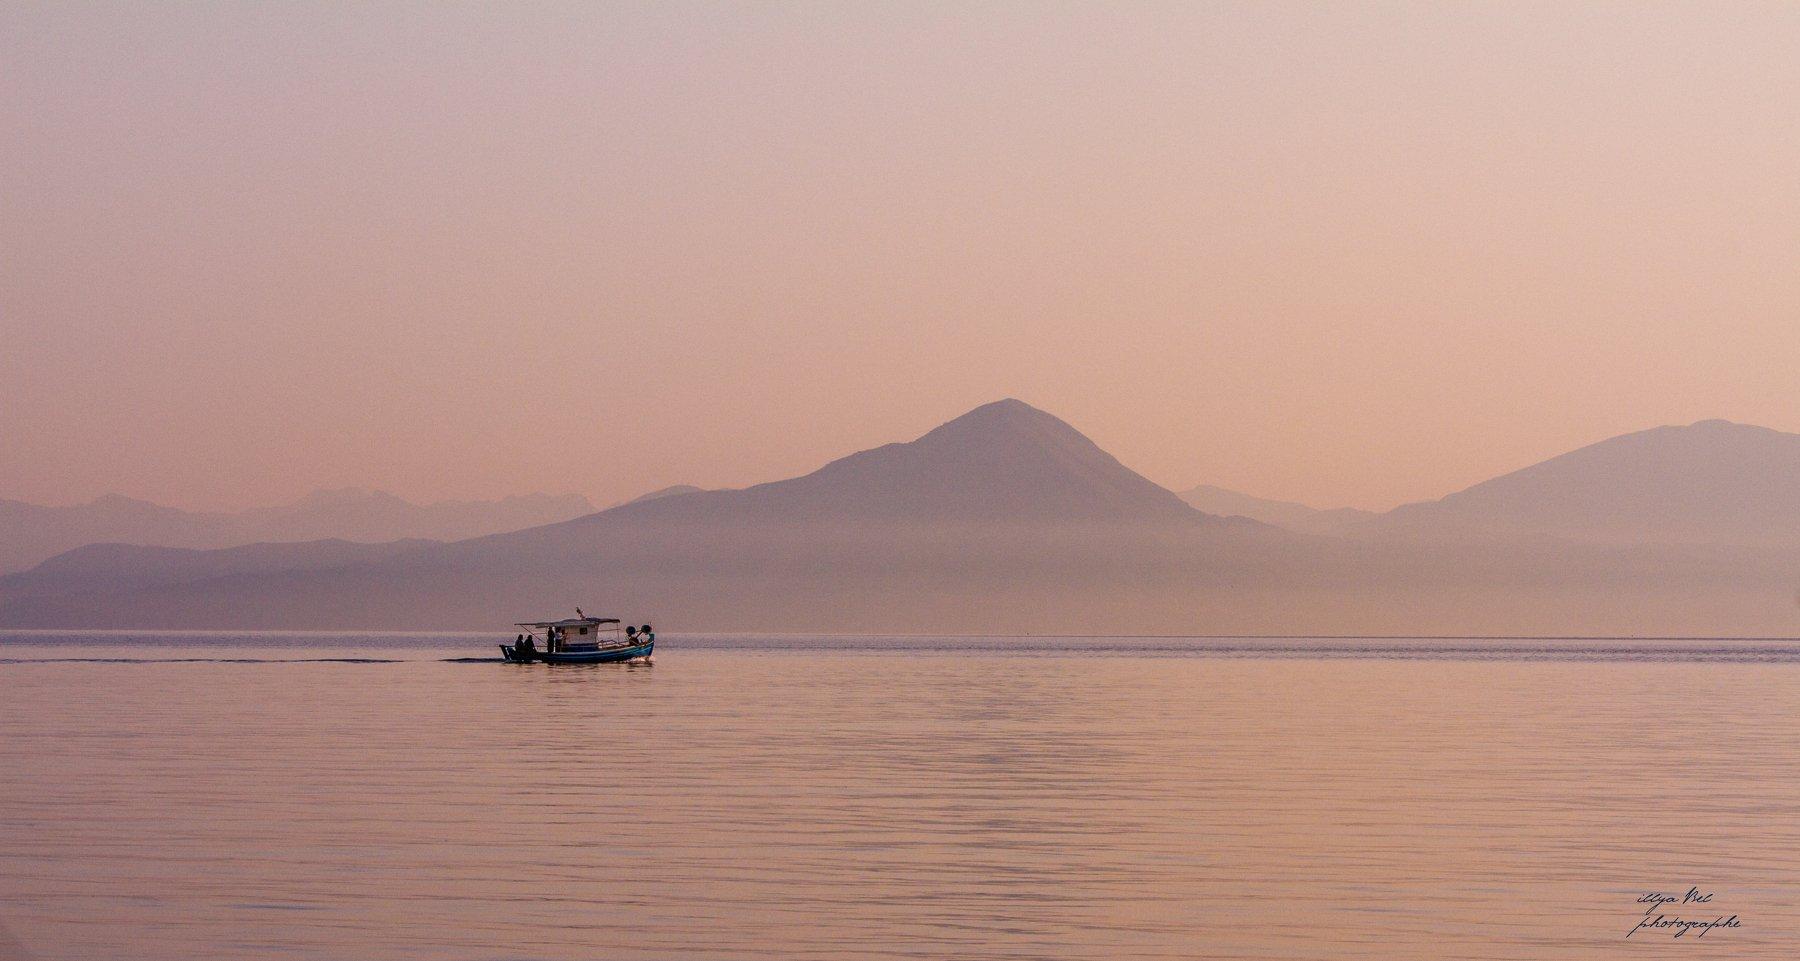 рассвет, Греция, море, горы, лодка, пейзаж, спокойствие, Илья Беленький